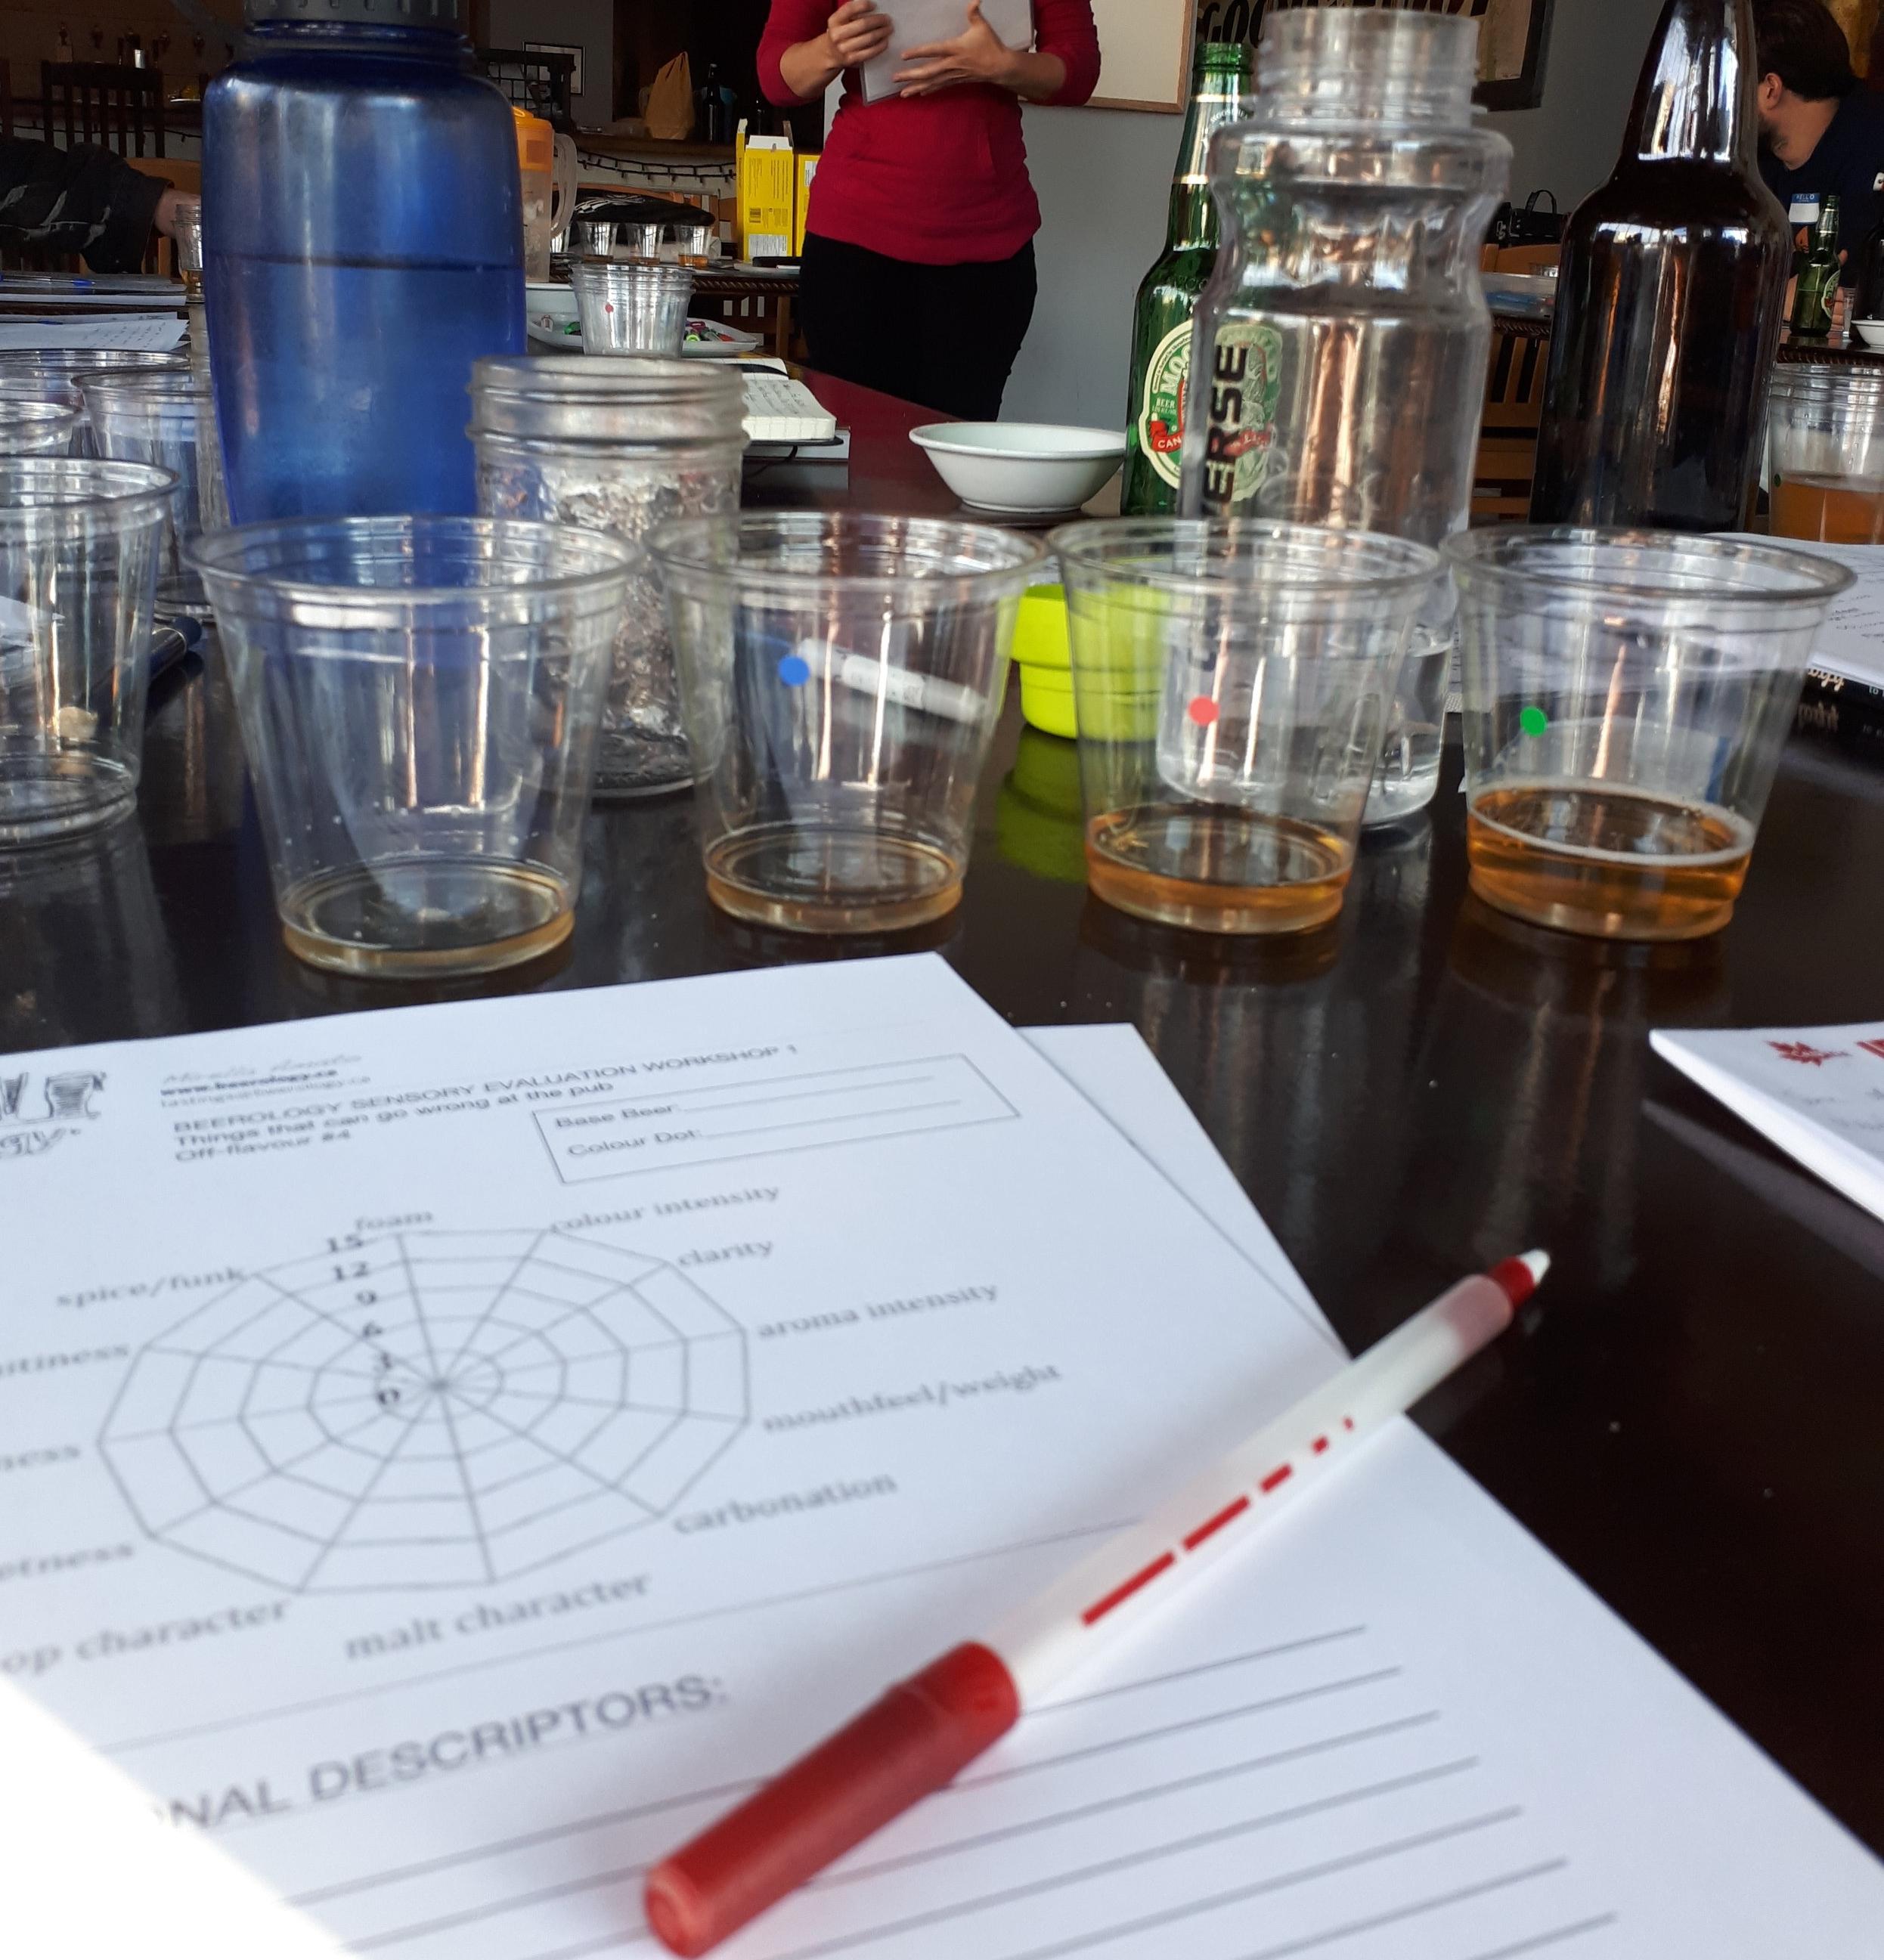 """Katıldığım bir off-flavour workshop'tan: En soldaki bira içine aroma katılmamış baz bira, gördüğünüz kağıt da tatları not aldığınız """"tadım cetveli"""""""